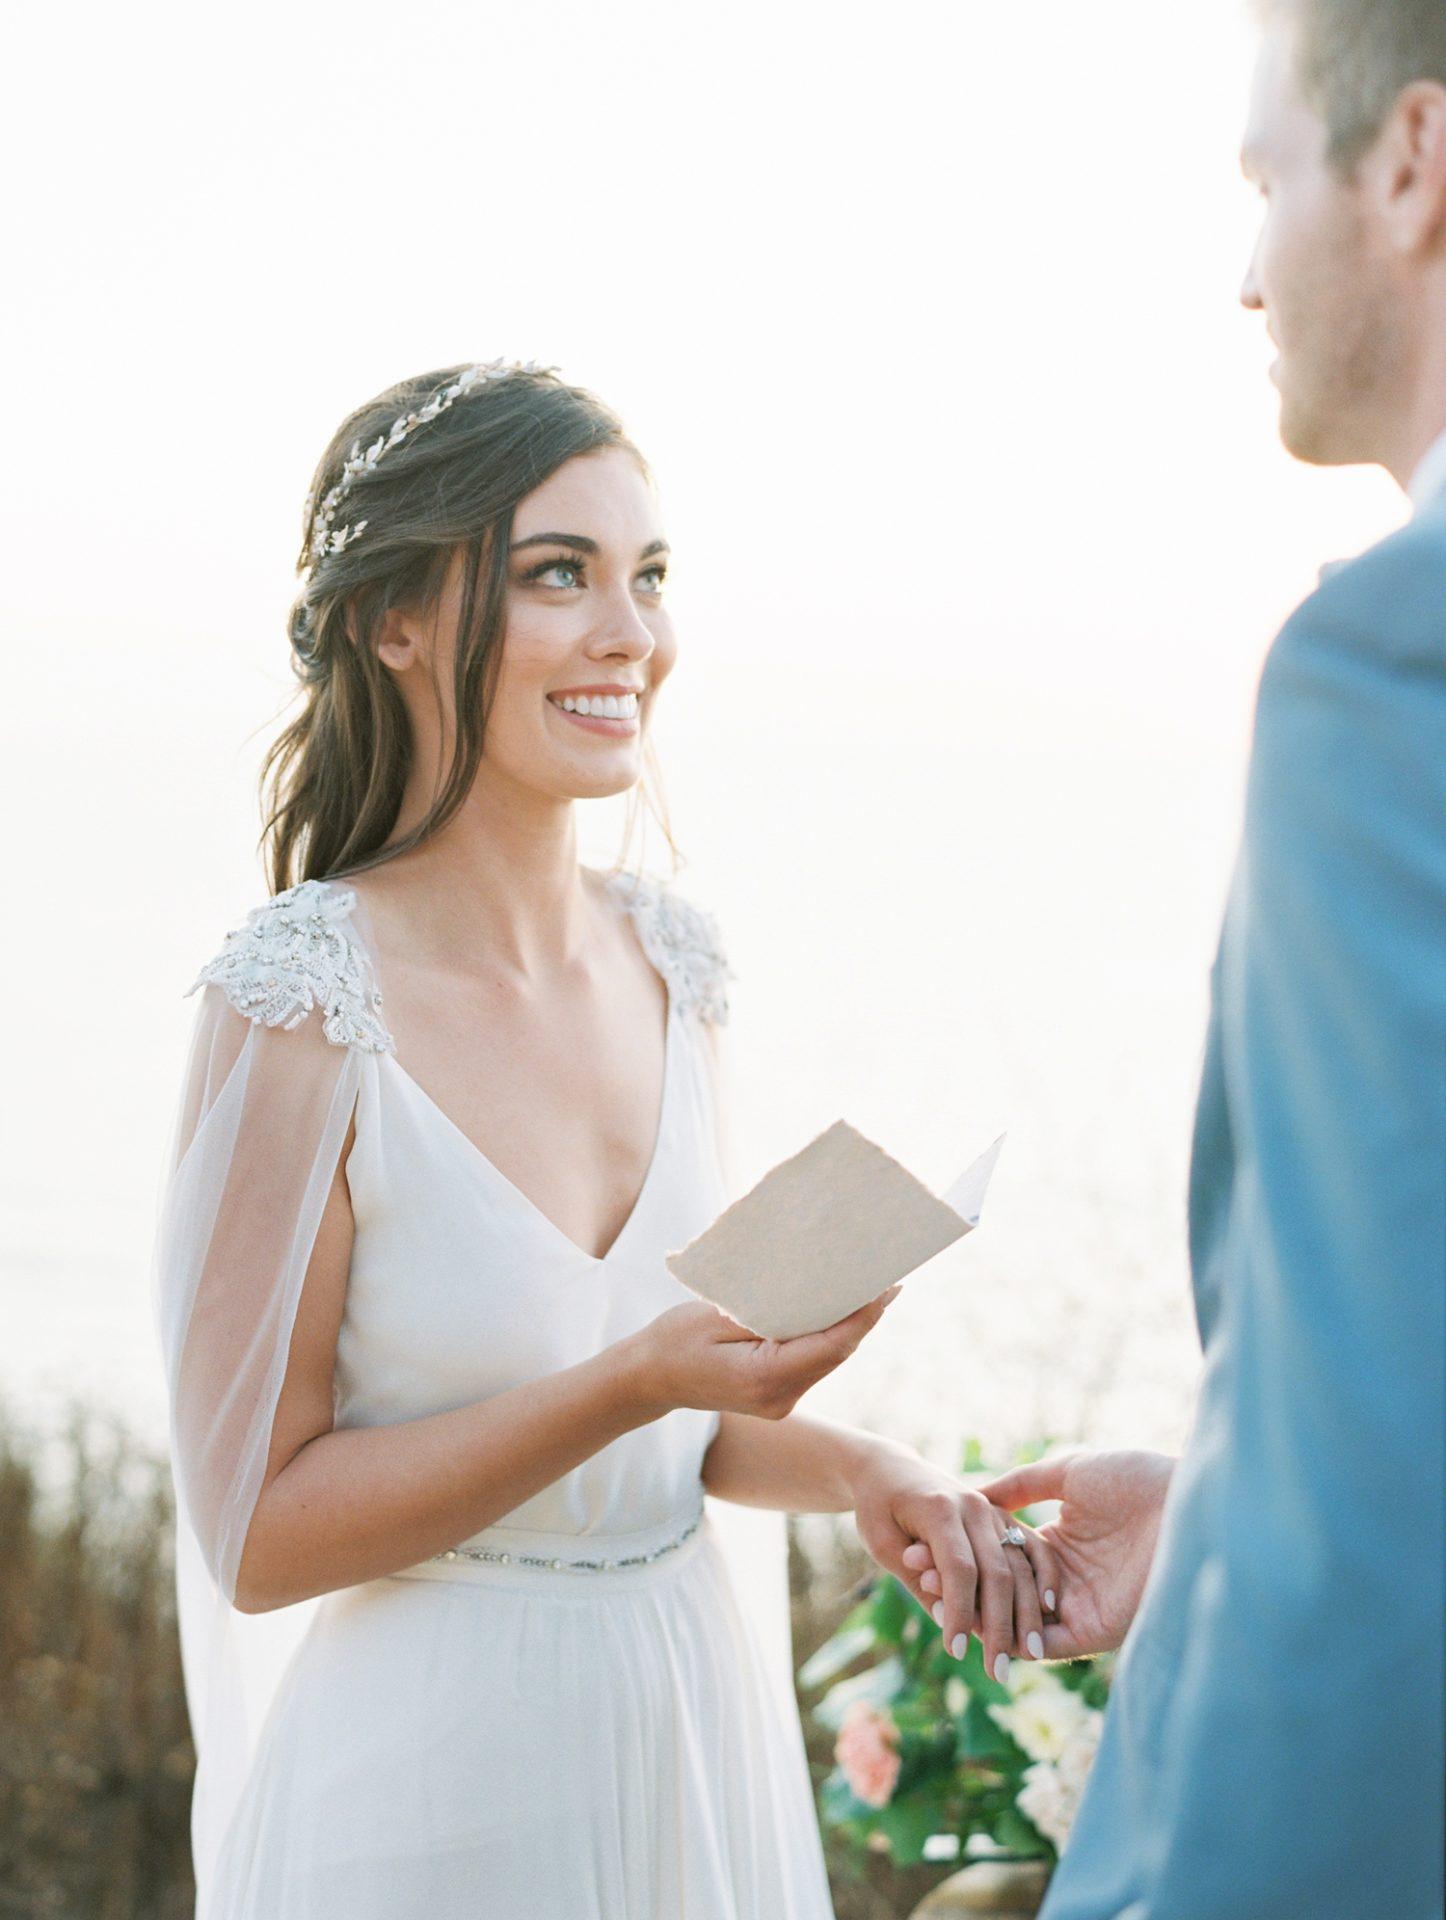 Elopement In Greece - Wedding Ceremony